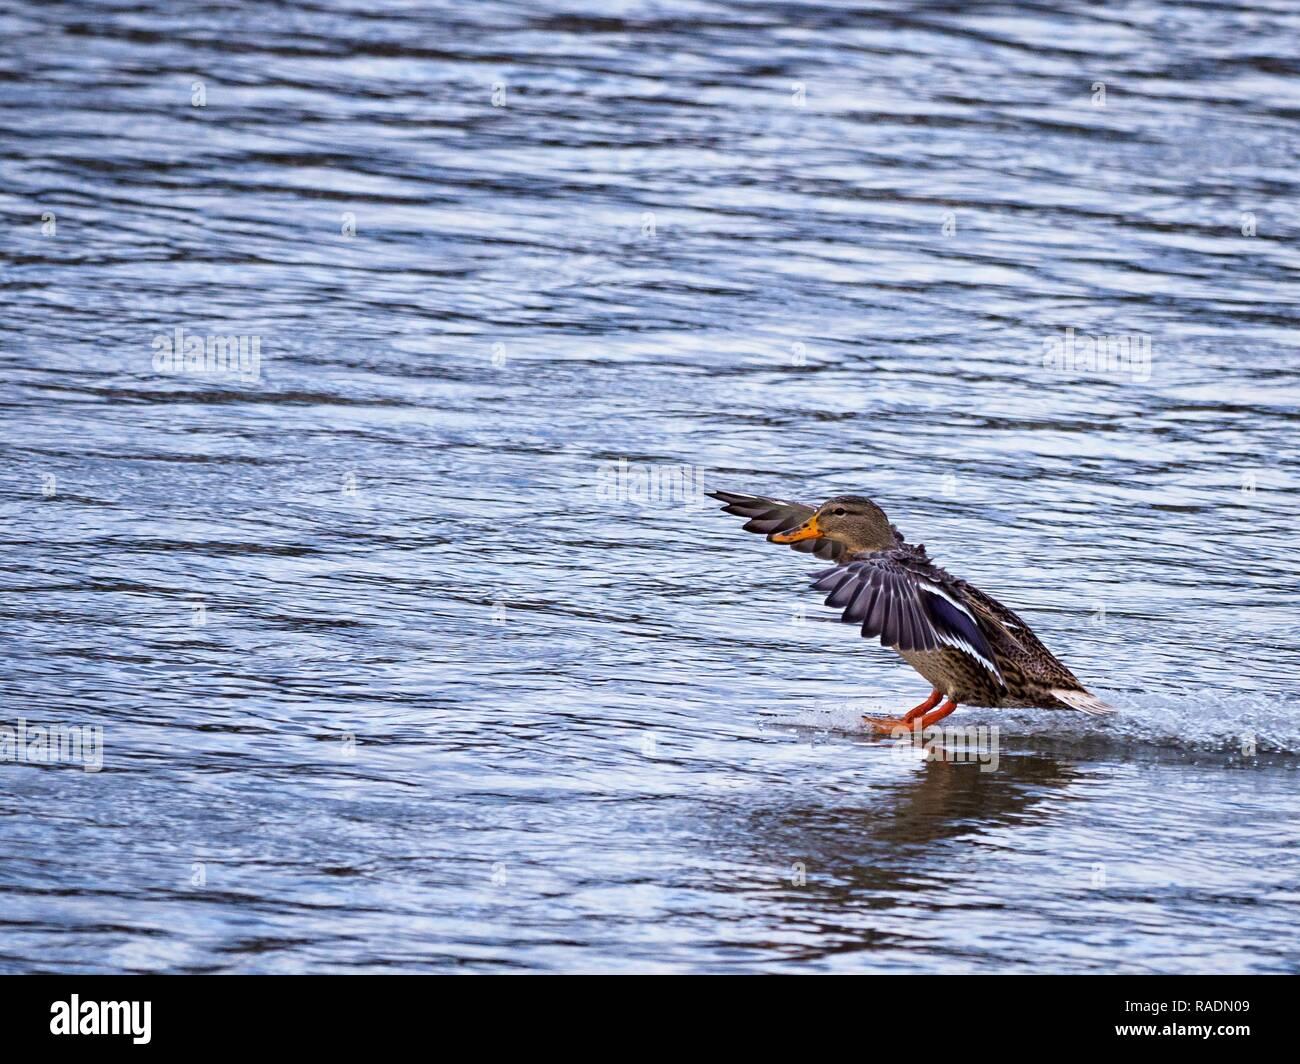 Poule de canards sauvages terres avec jambes étirées sur la surface de la rivière Berounka. (CTK Photo/Krompolc romain) Banque D'Images